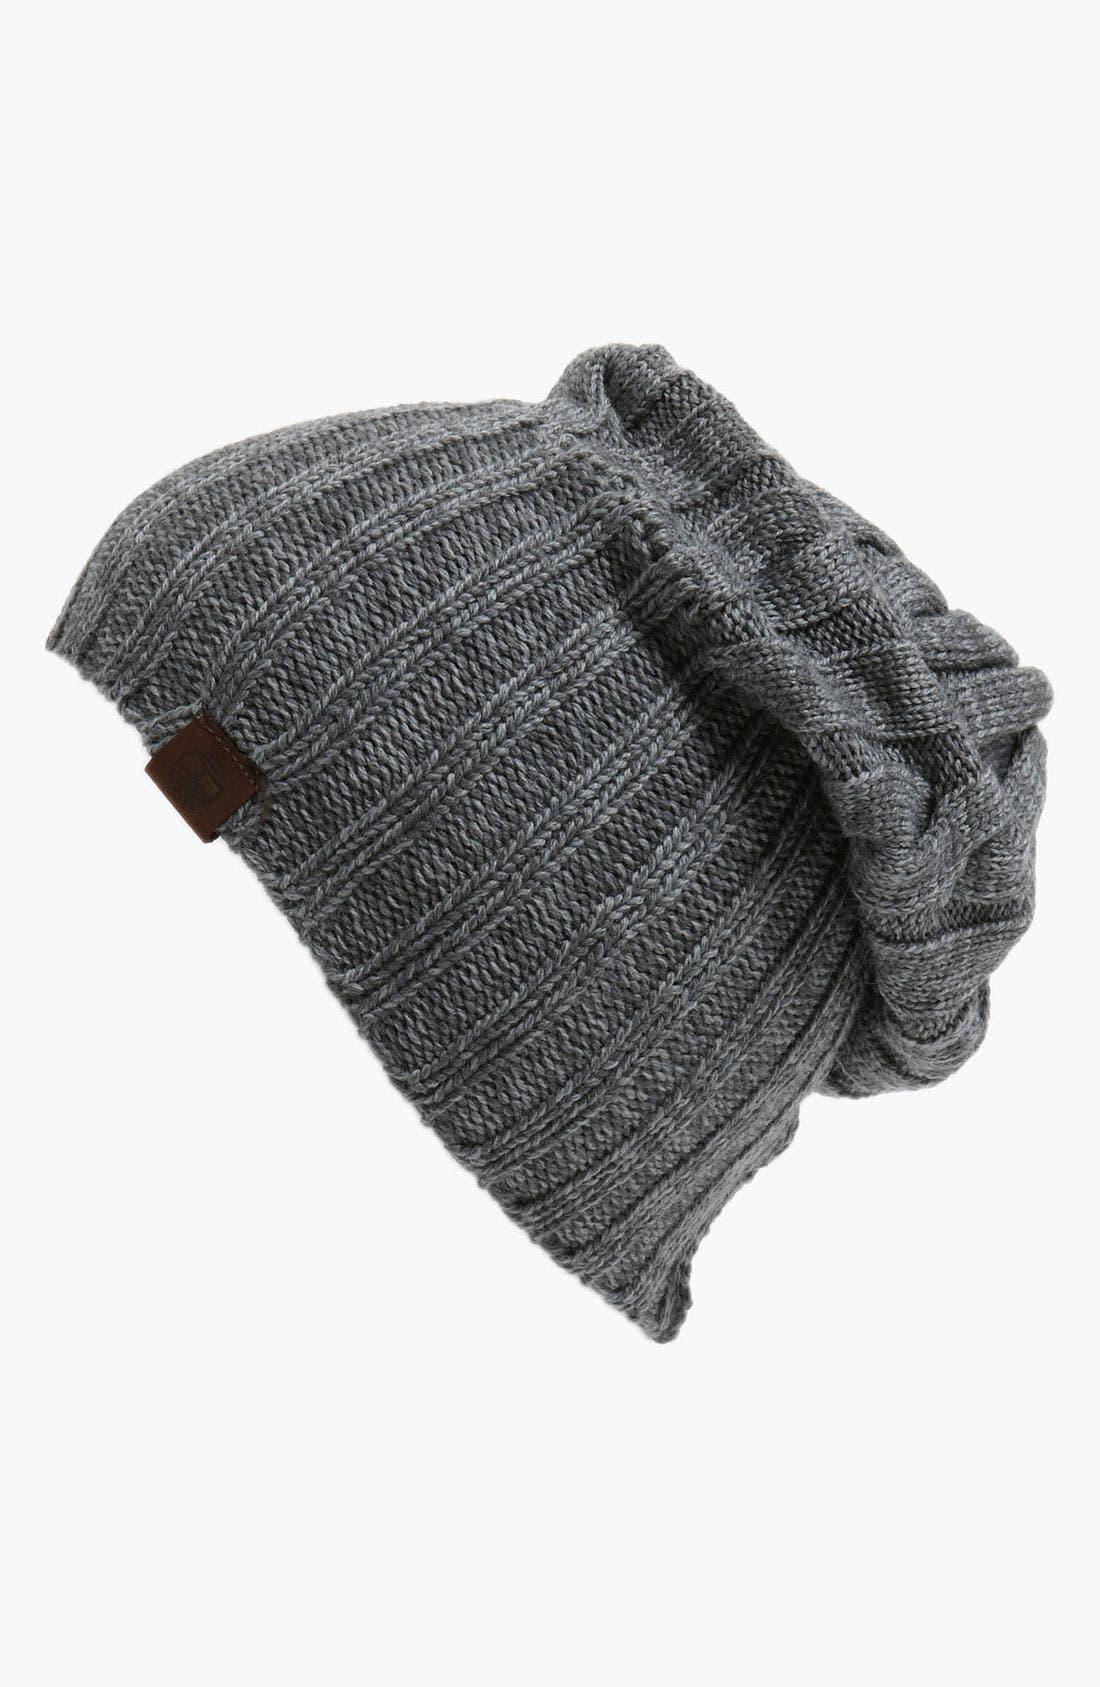 Main Image - Timberland Merino Wool Beanie